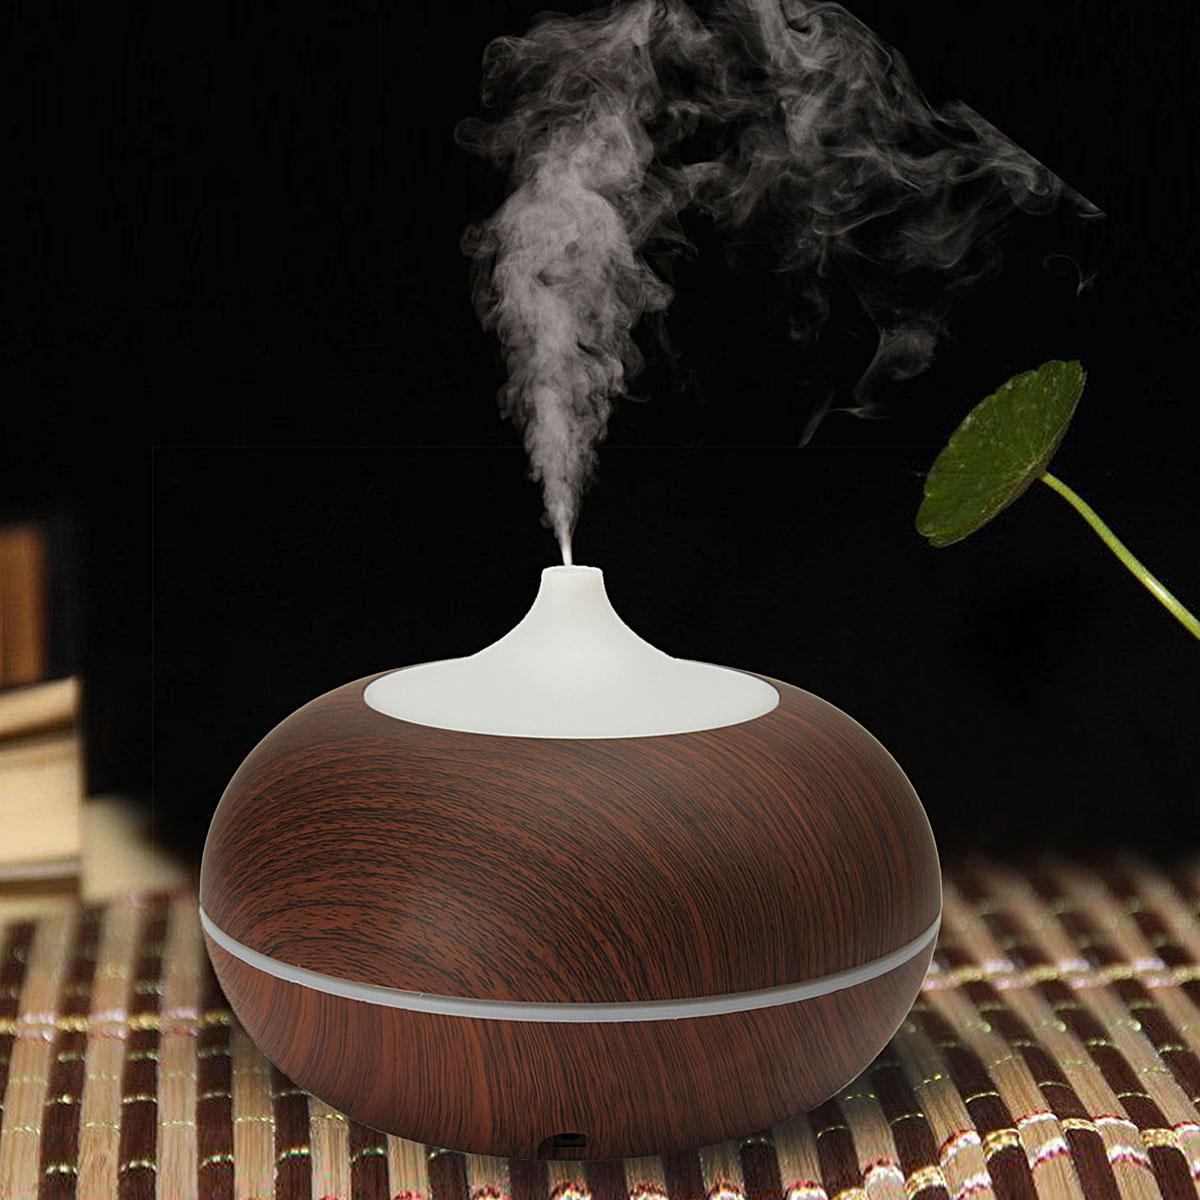 300ml couleur changeante LED ultrasonore Diffuseur d'huiles essentielles de l'humidificateur Aroma traitement purificateur d'air Aromapulvérisation